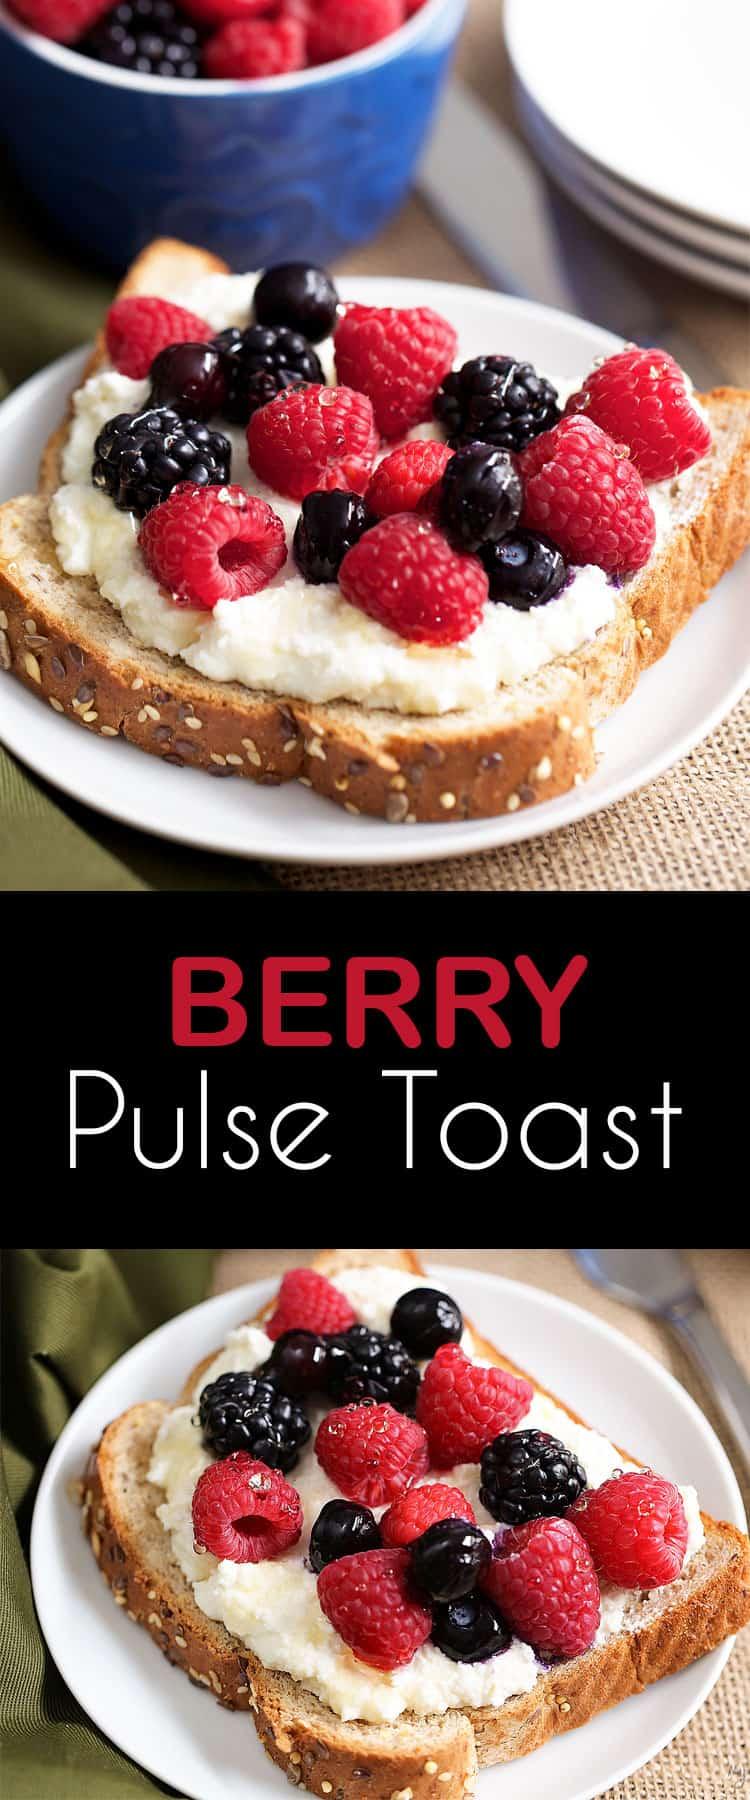 sunrise power berry pulse toast recipe